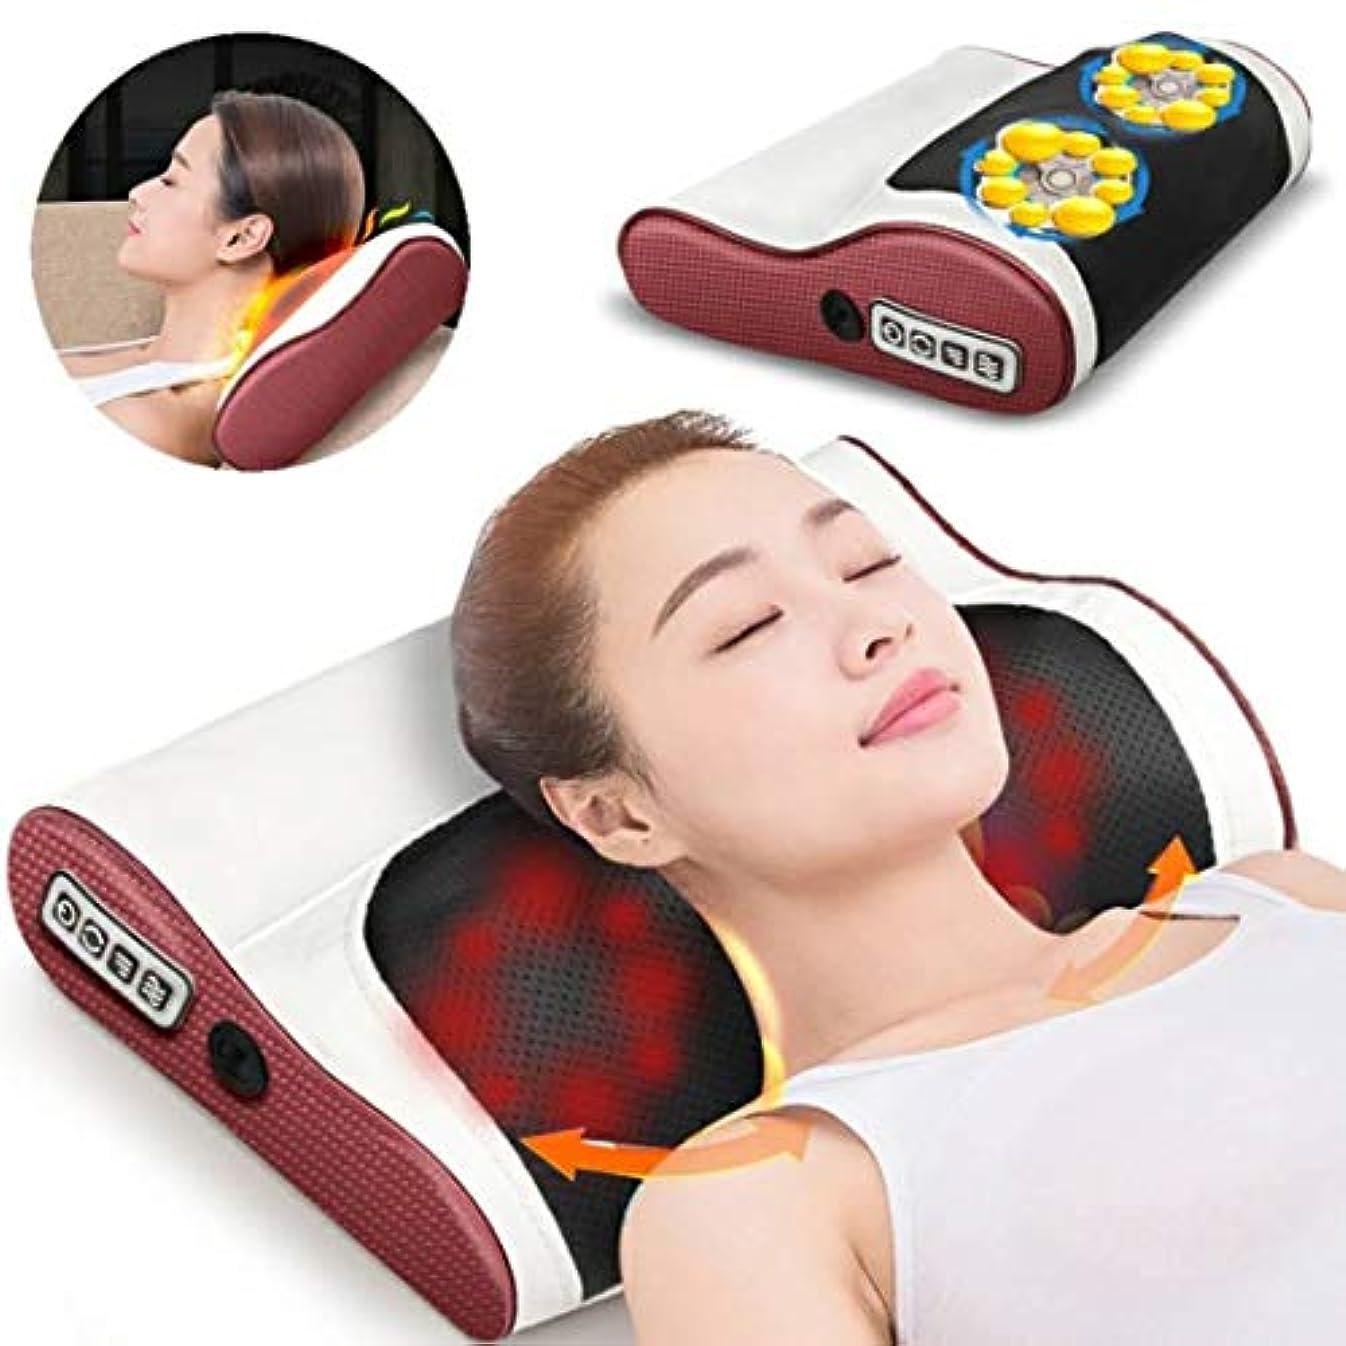 前述のスキップ聴覚頚部マッサージ枕、フルボディ電動マッサージャー多機能家庭用クッションマッサージャーバックネックマッサージピロークッション用ショルダーバックボディ